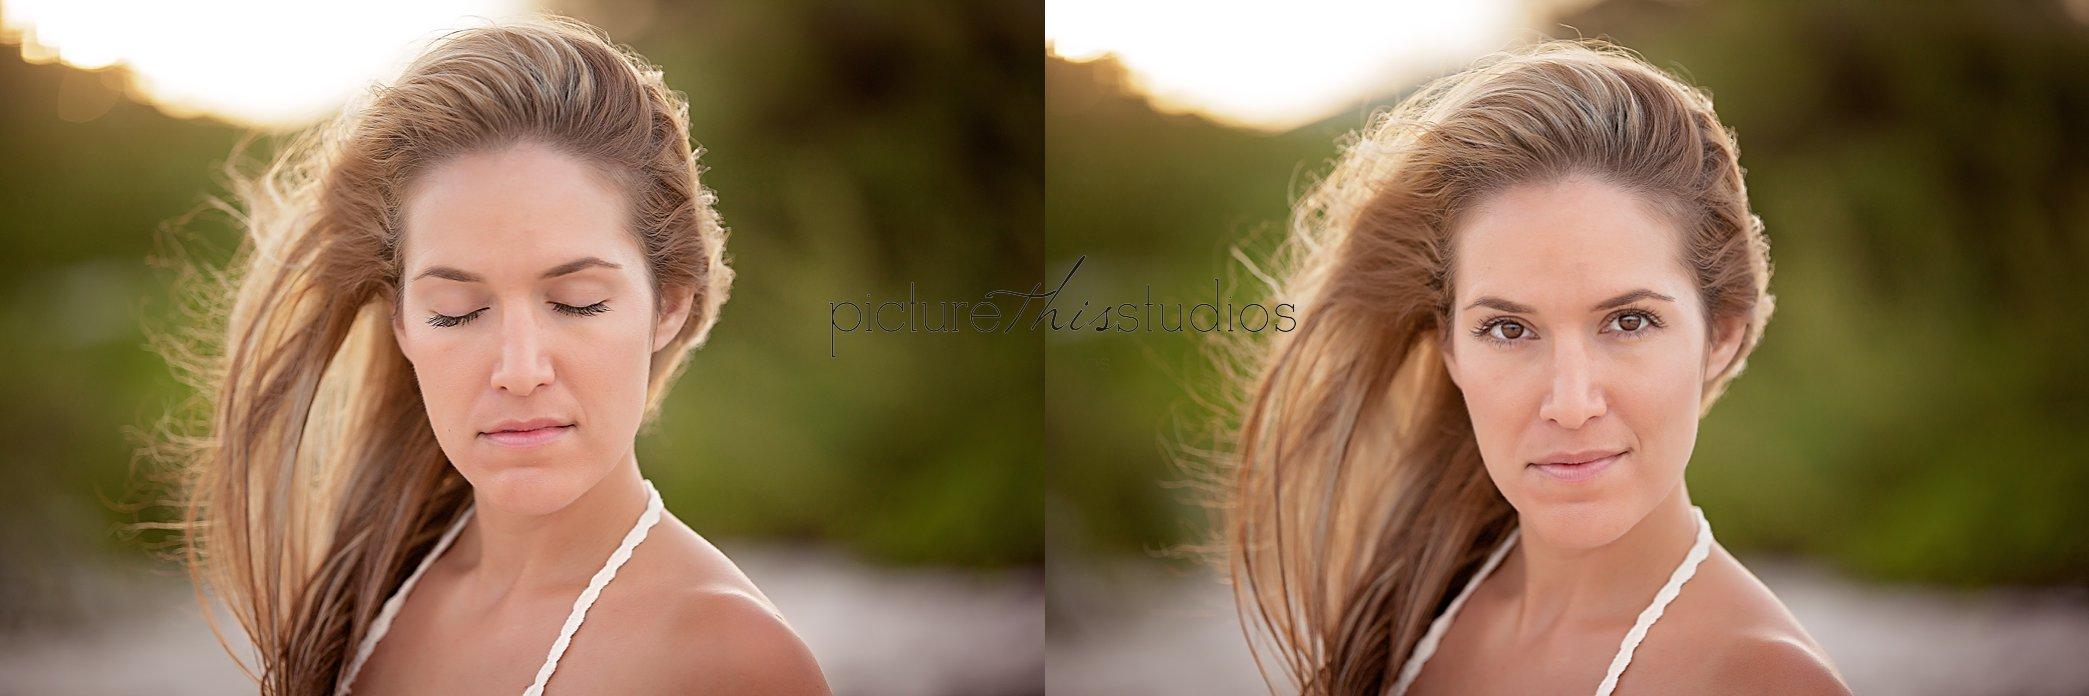 cayman islands portrait photographers_0623